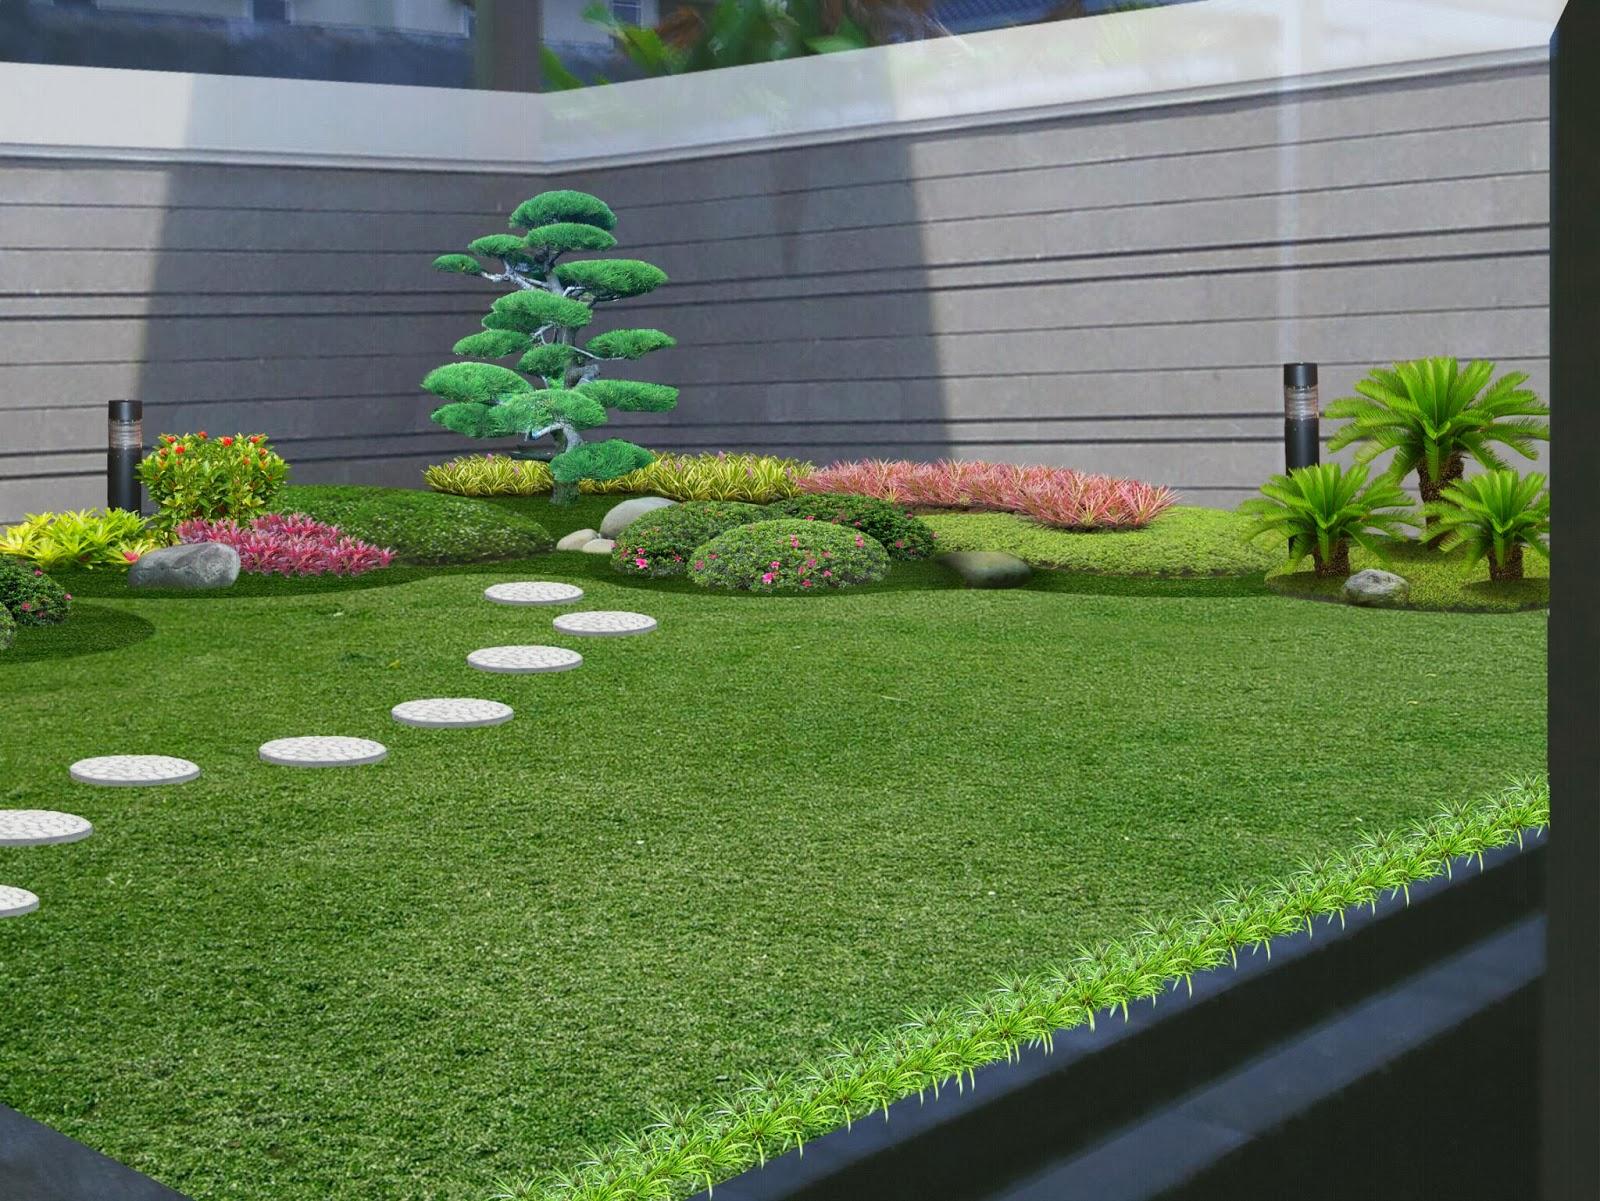 7100 Koleksi Gambar Desain Taman Kecil Minimalis HD Terbaik